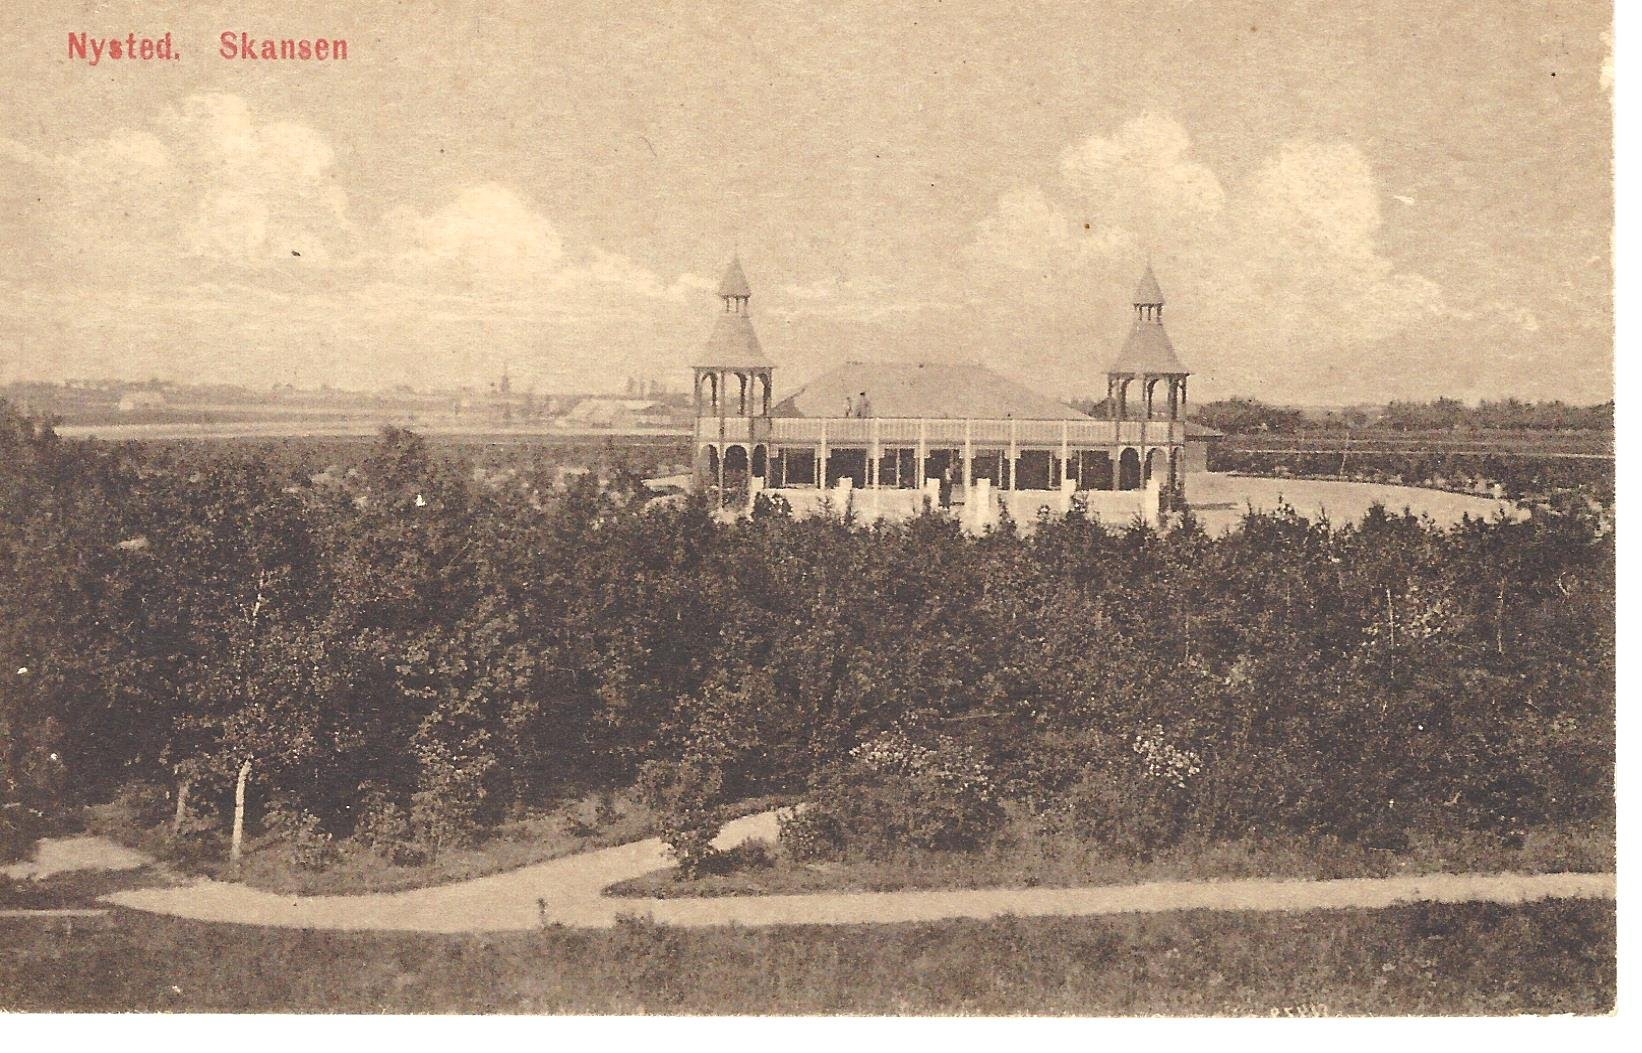 11-Skansepavillonen-1917-01